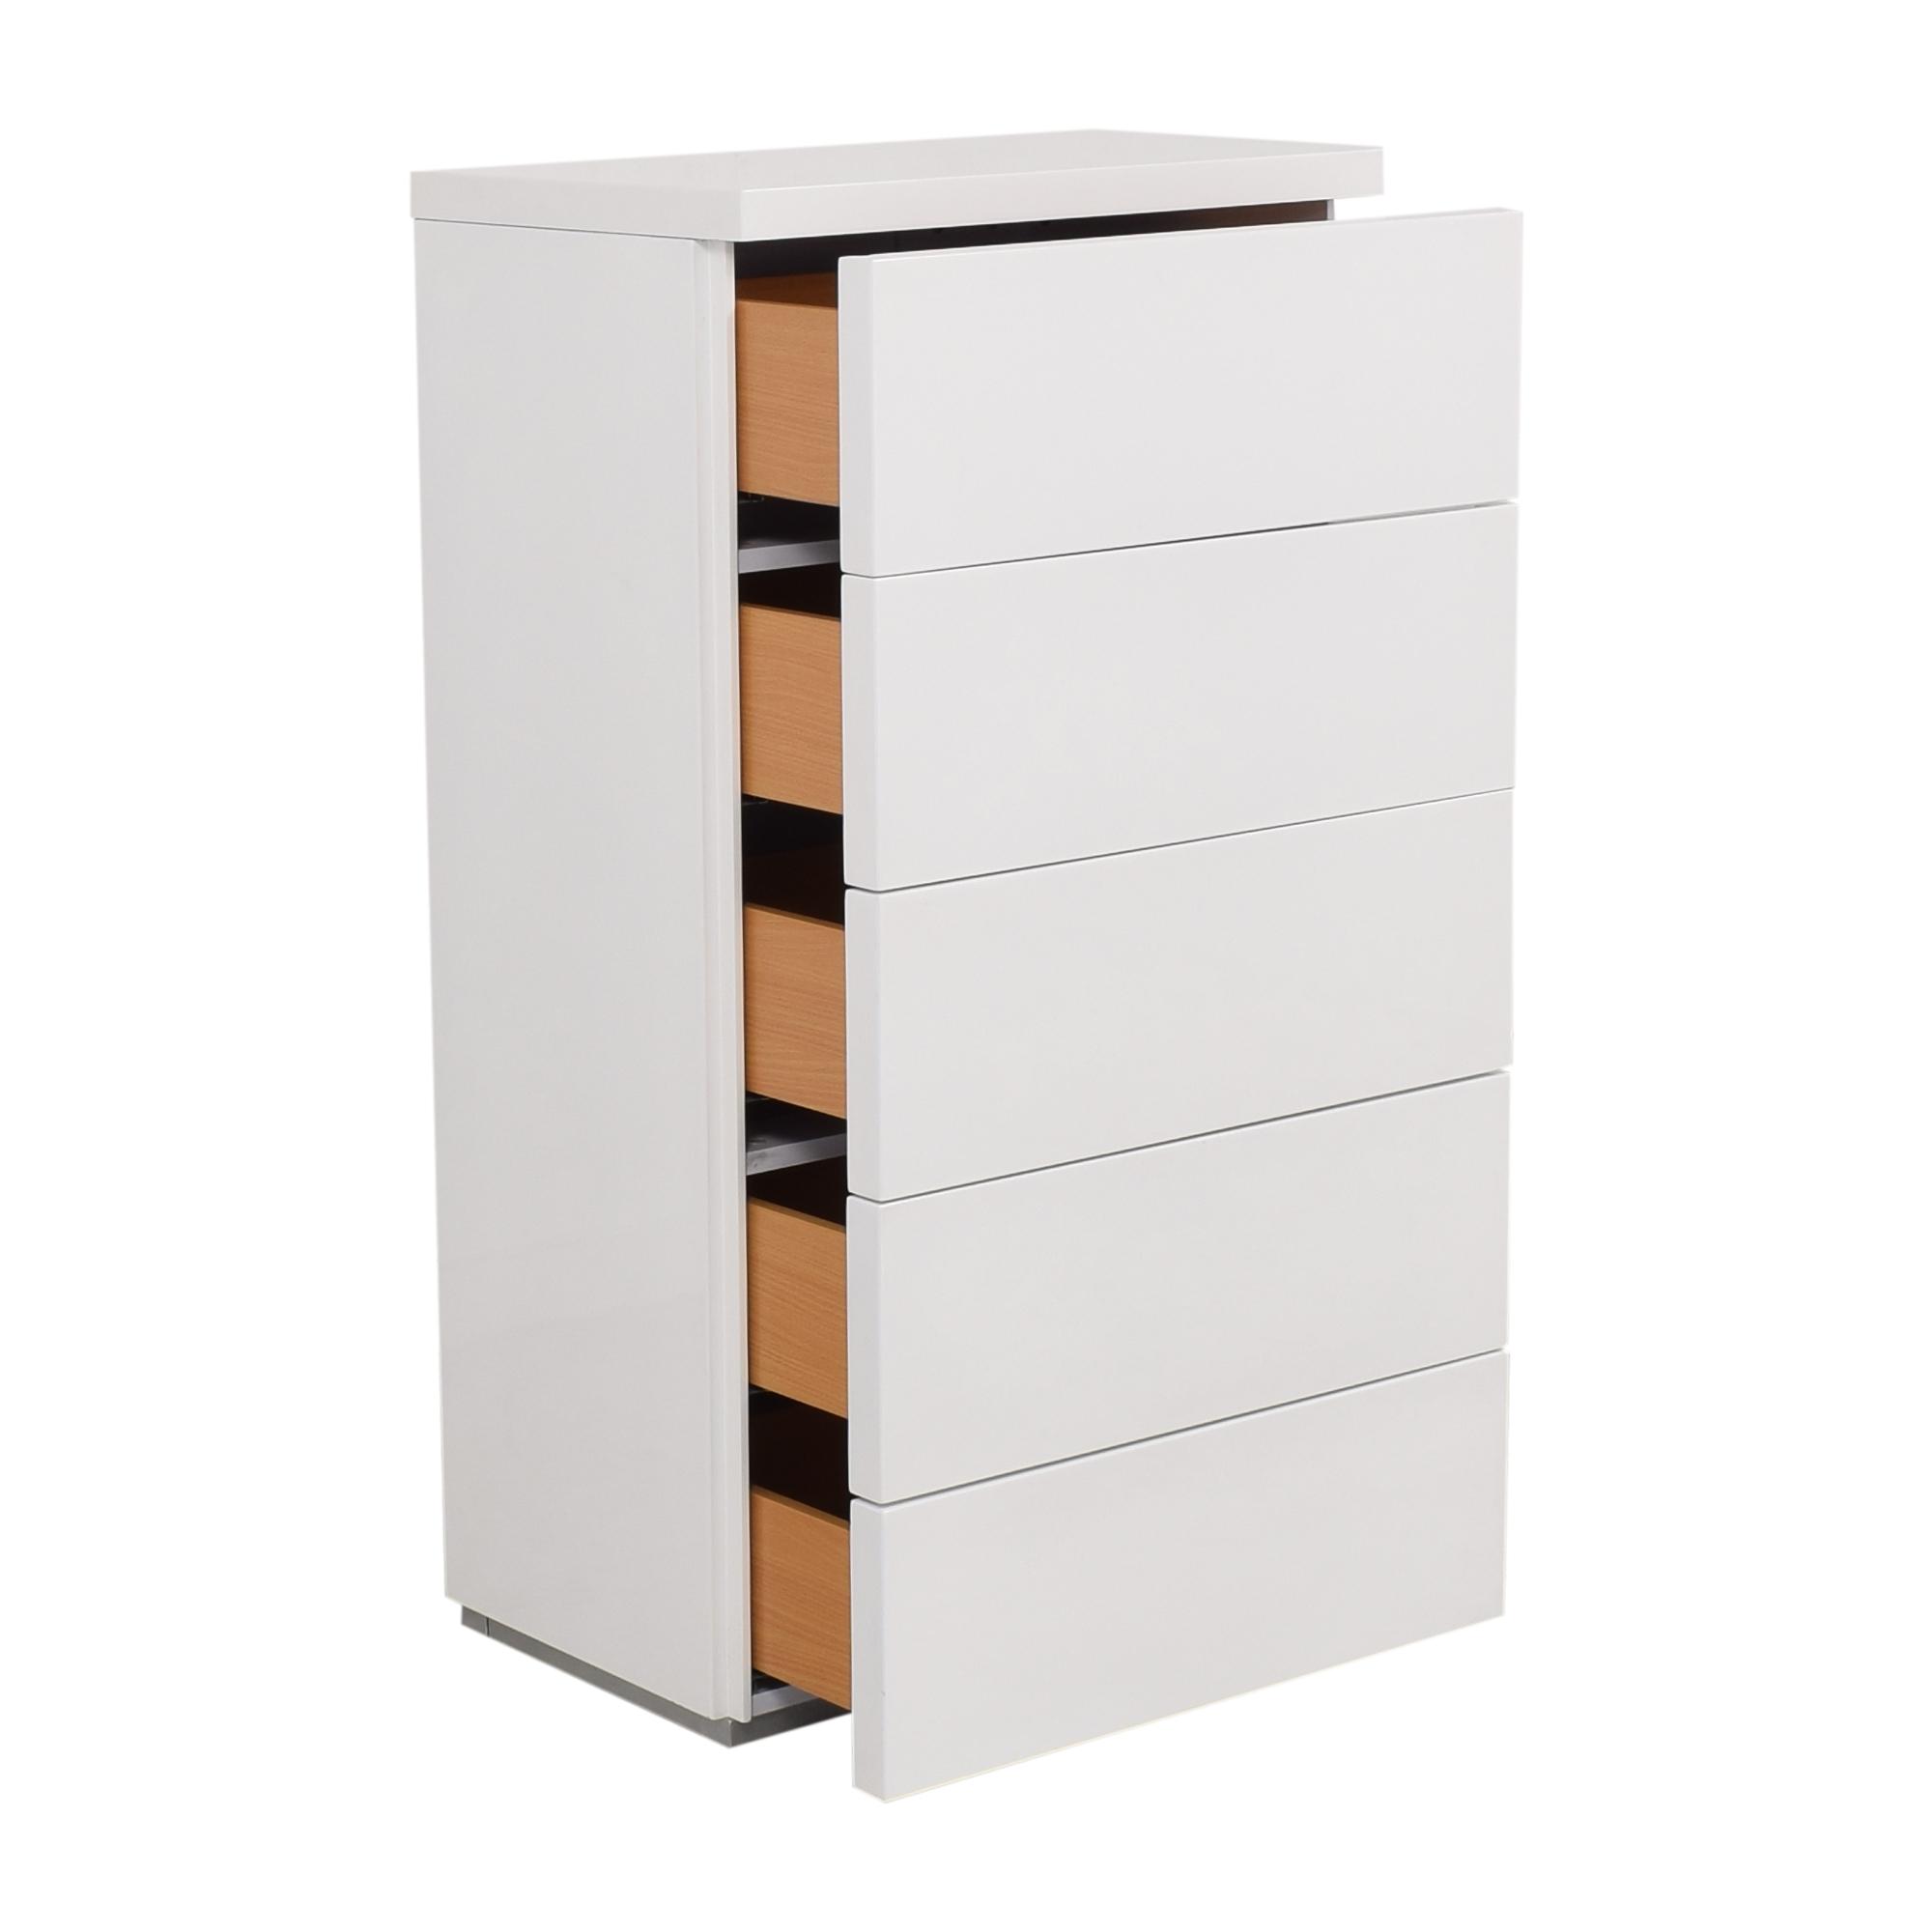 AllModern White Gloss 5 Drawer Chest / Dressers